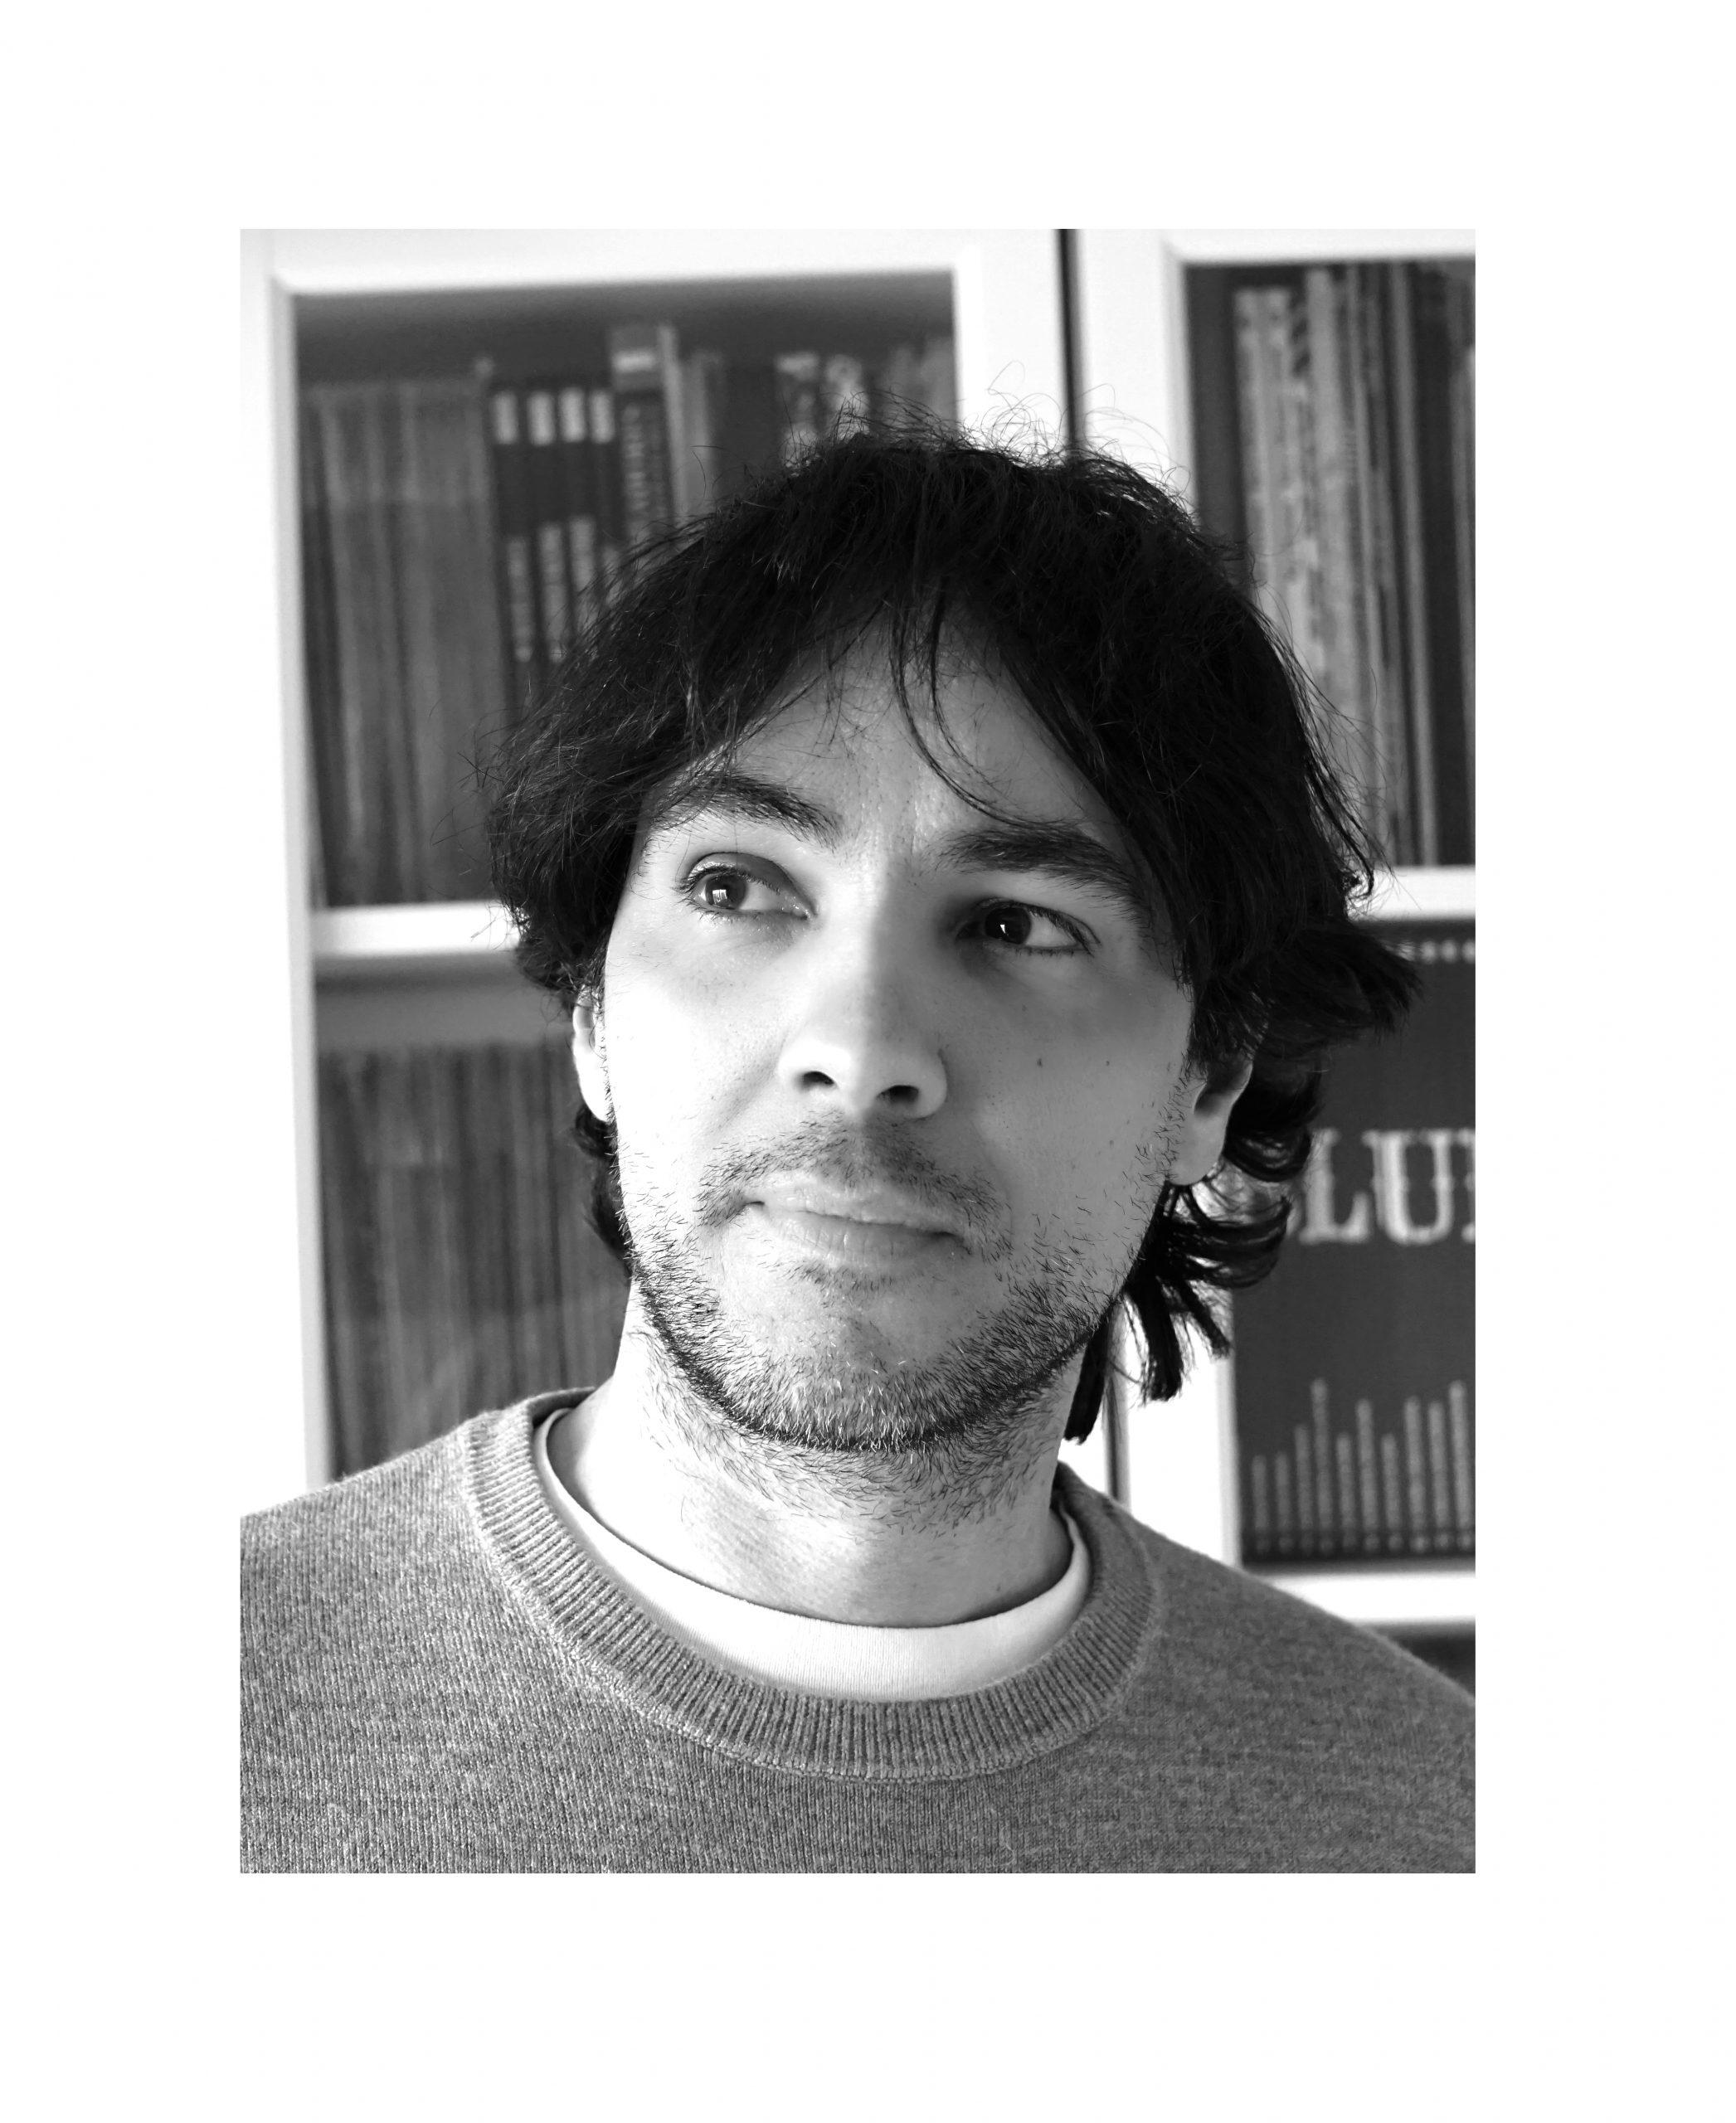 Cuatro creadores ofrecen una charla para explicar cómo ha sido el proceso creativo de llevar a Pérez Galdós a una novela gráfica